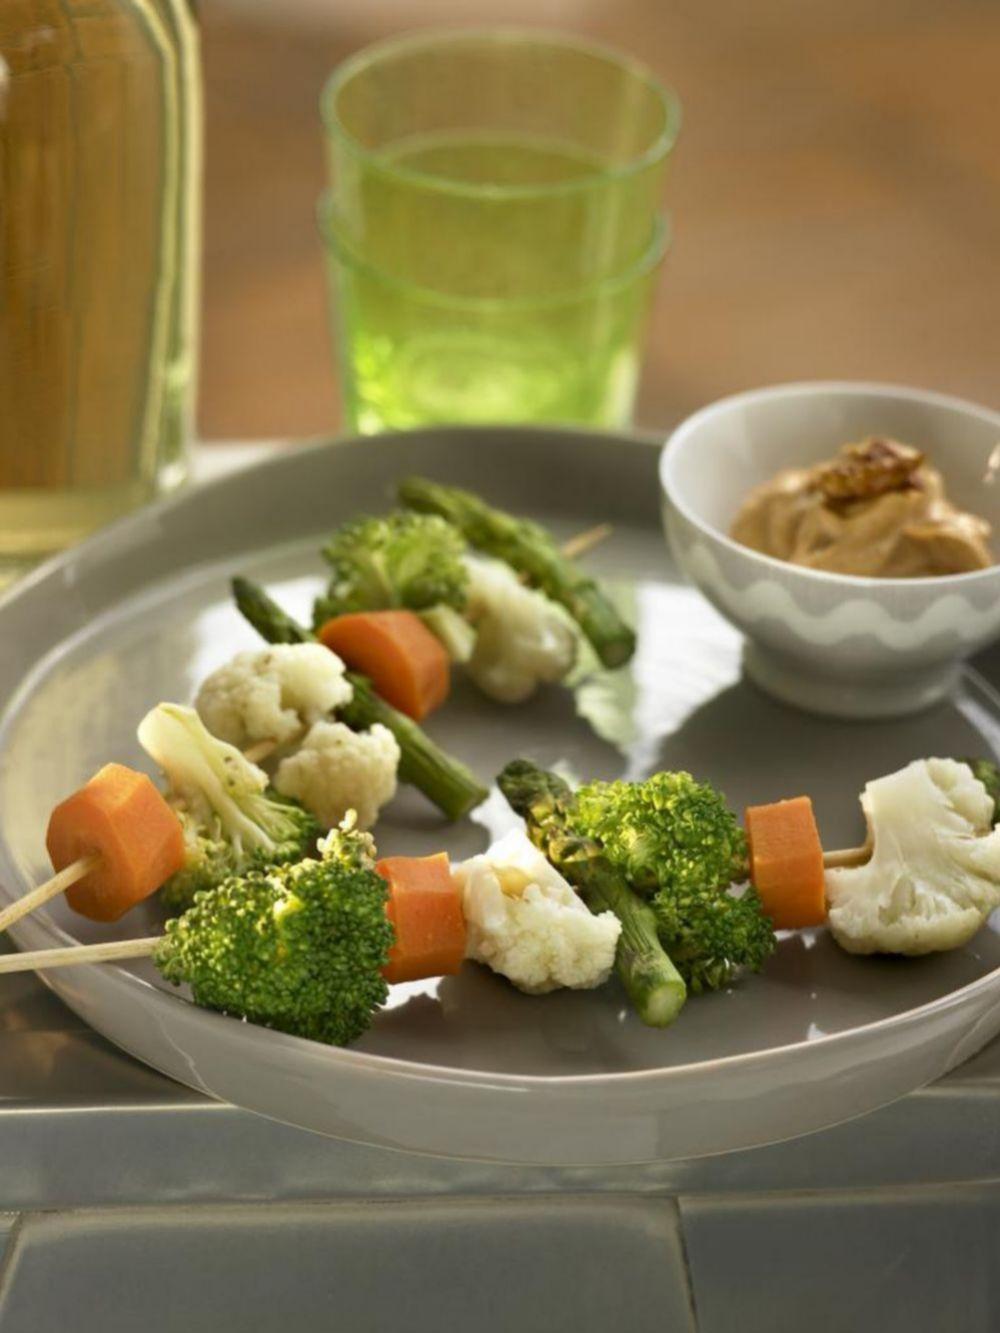 Da rienda suelta a tu imaginación para combinar las verduras e incluirlas en las comidas principales.